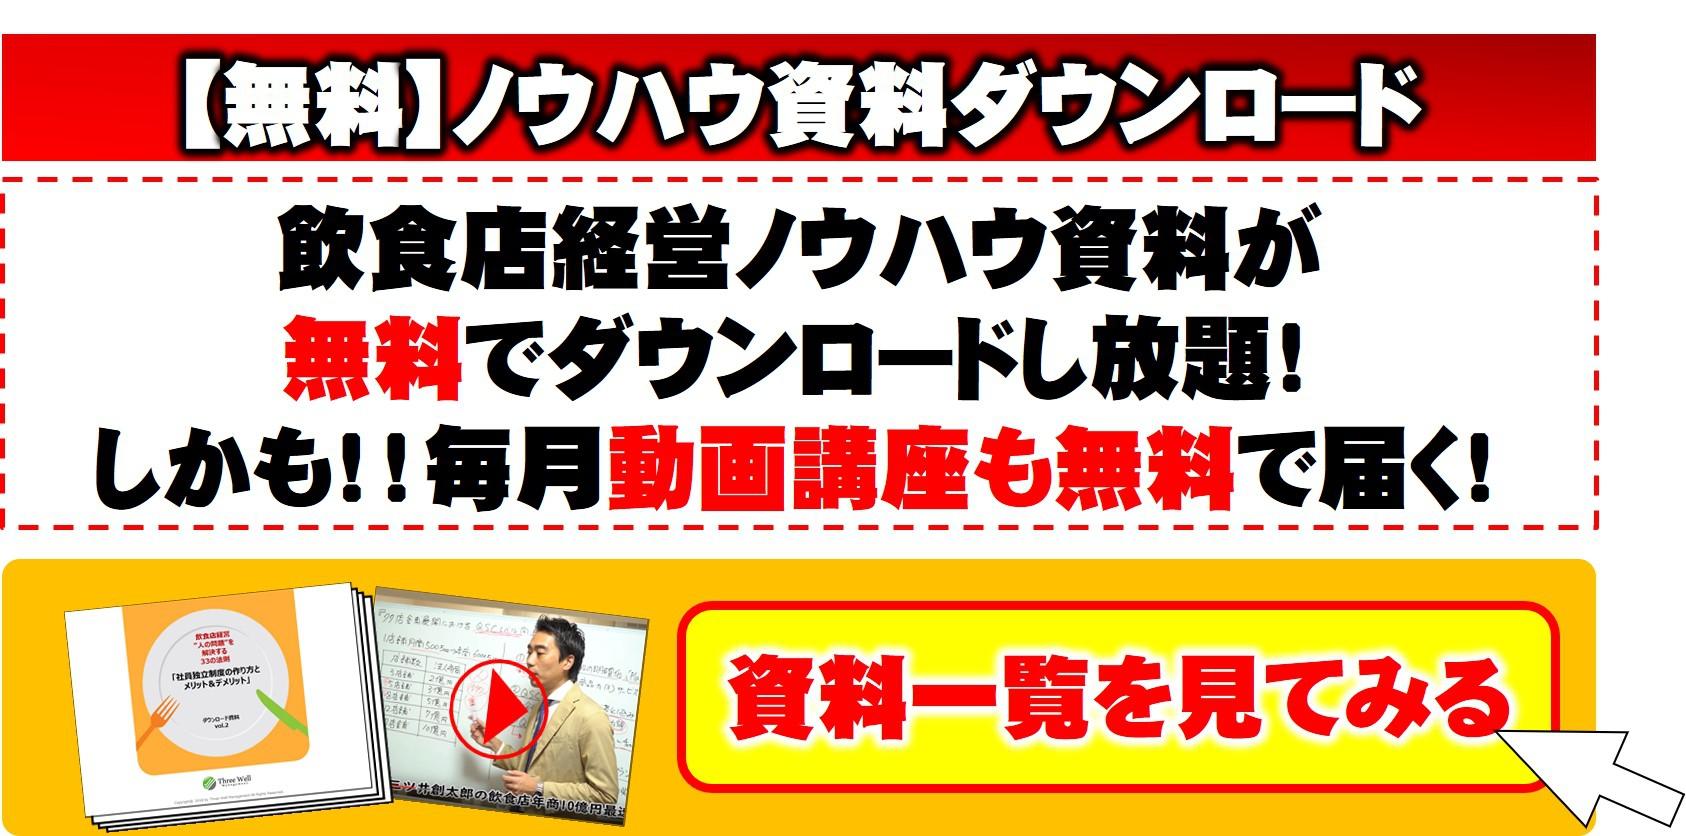 飲食店経営のノウハウ資料ダウンロード【無料】